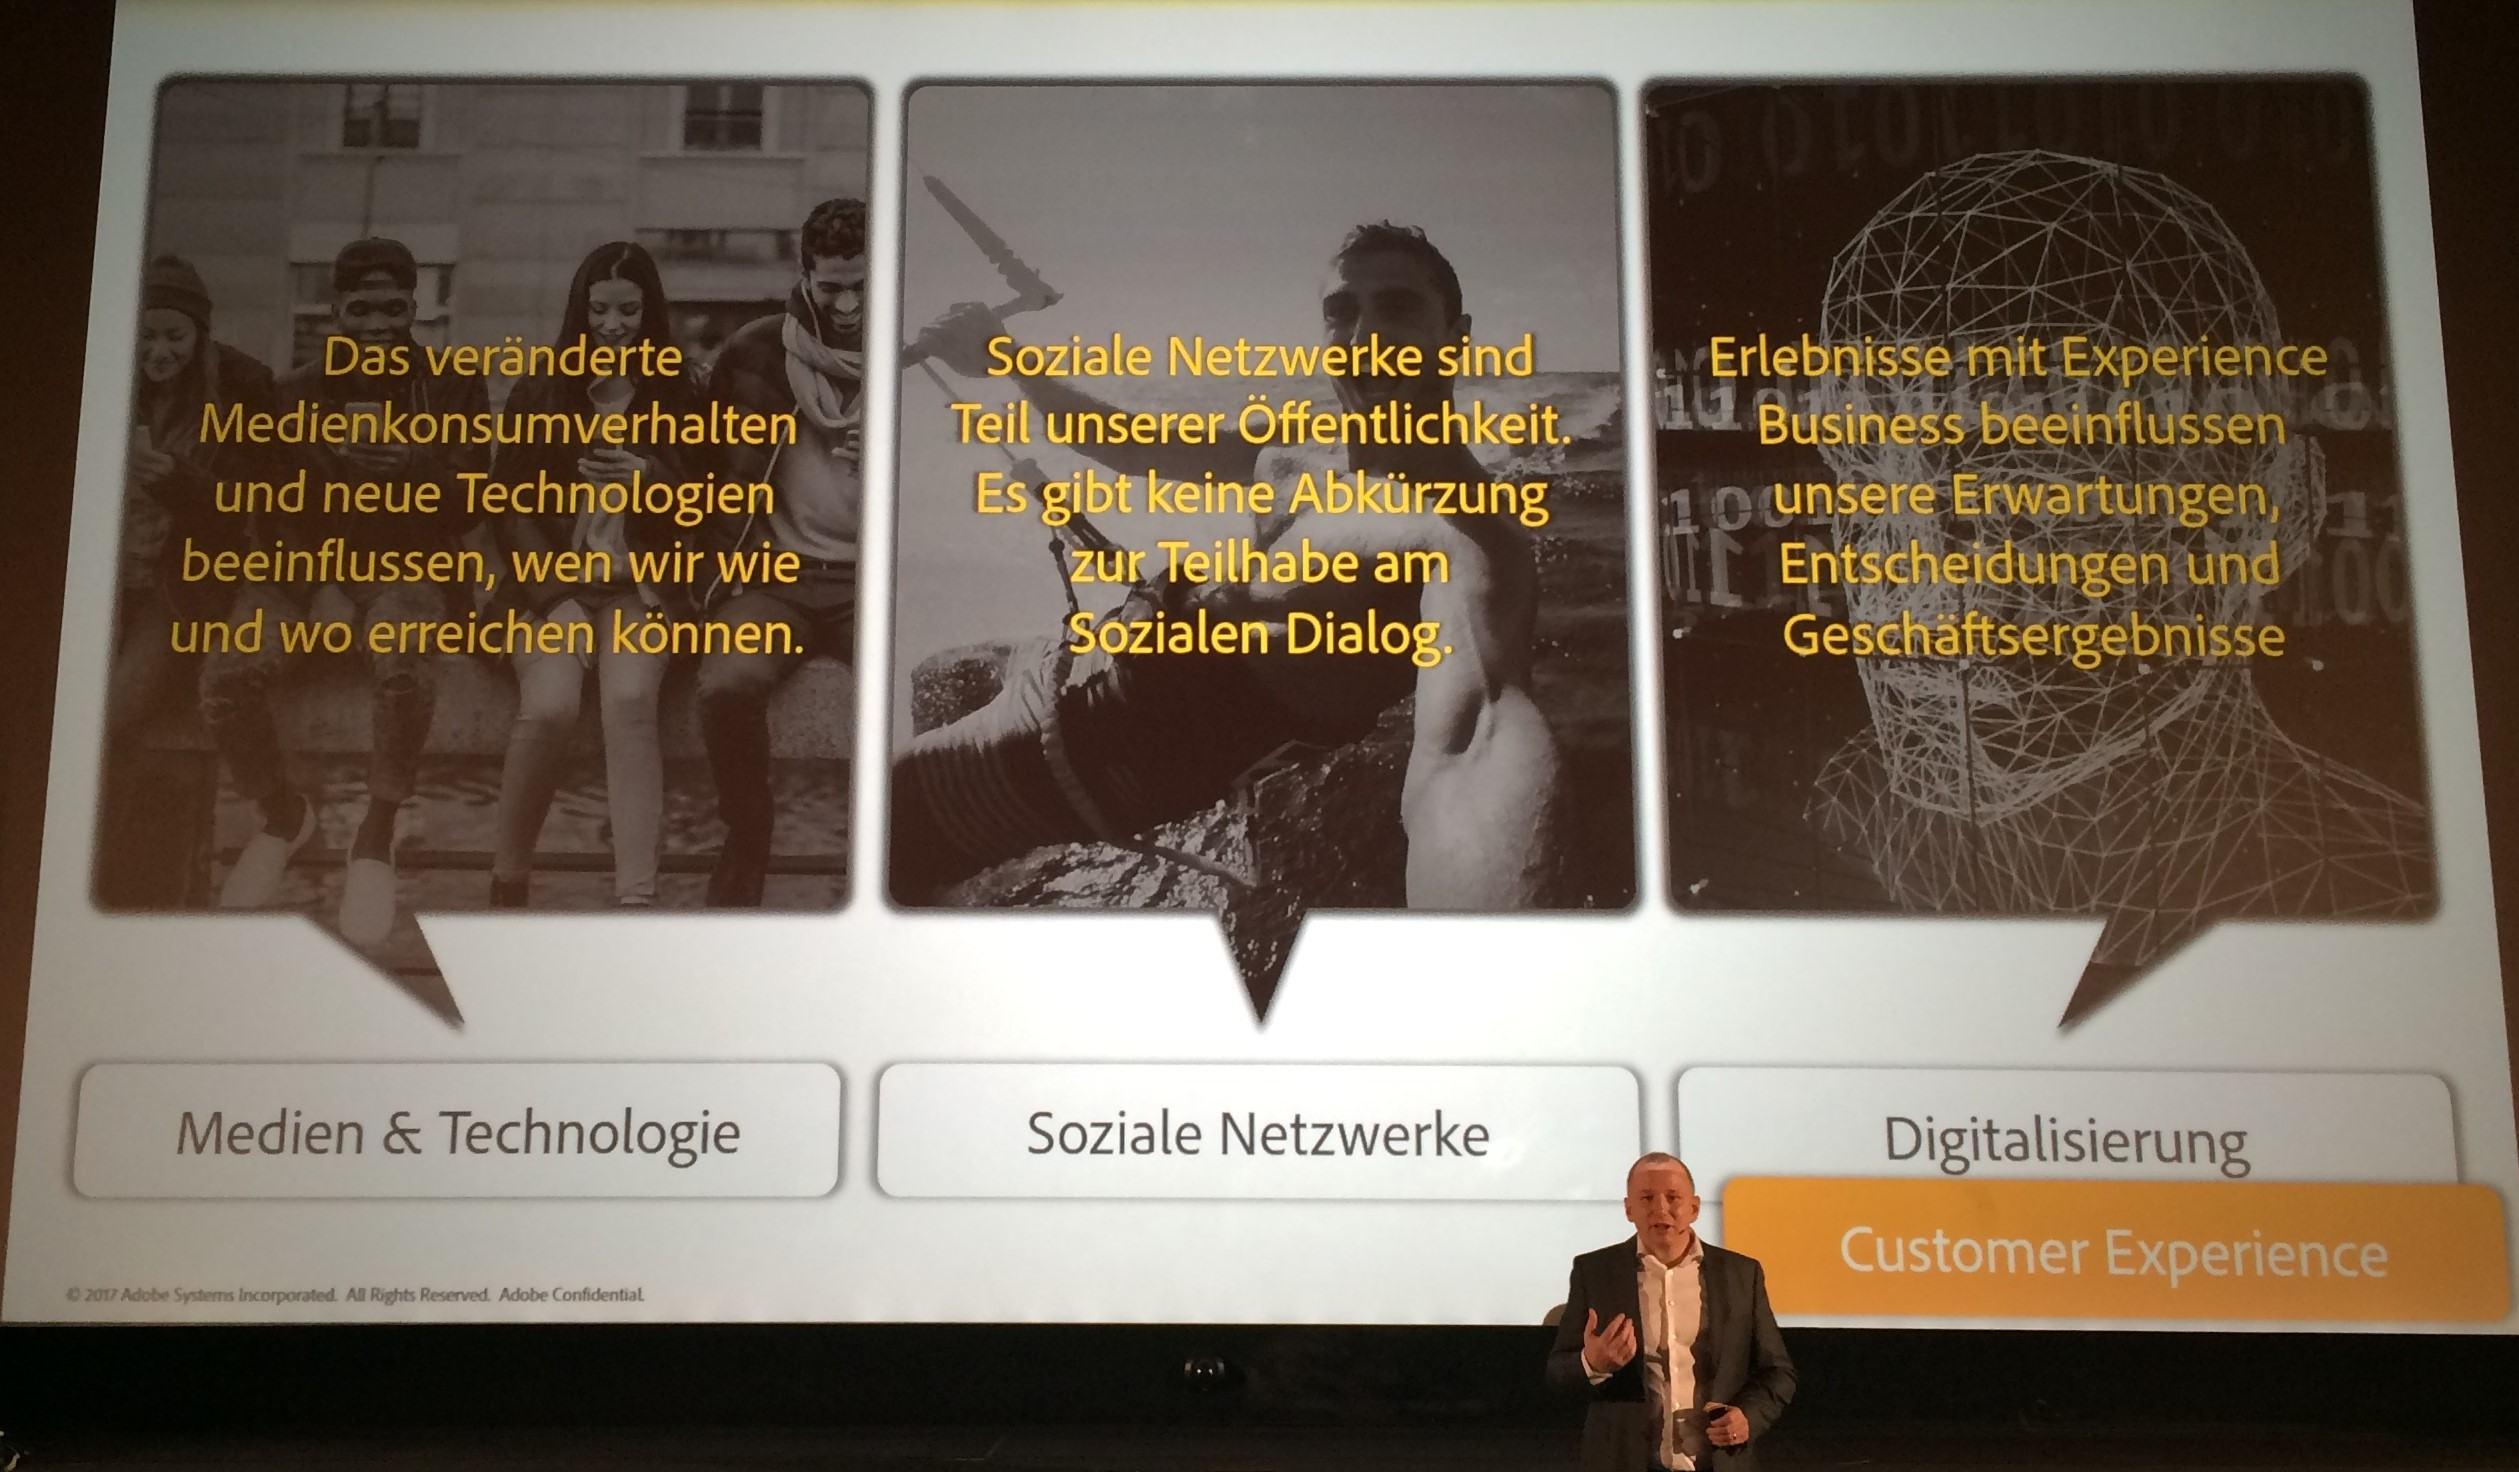 Hartmut König von Adobe über die 3 Trends 2017: Medien & Technologie, Soziale Netzwerke und Digitalisierung